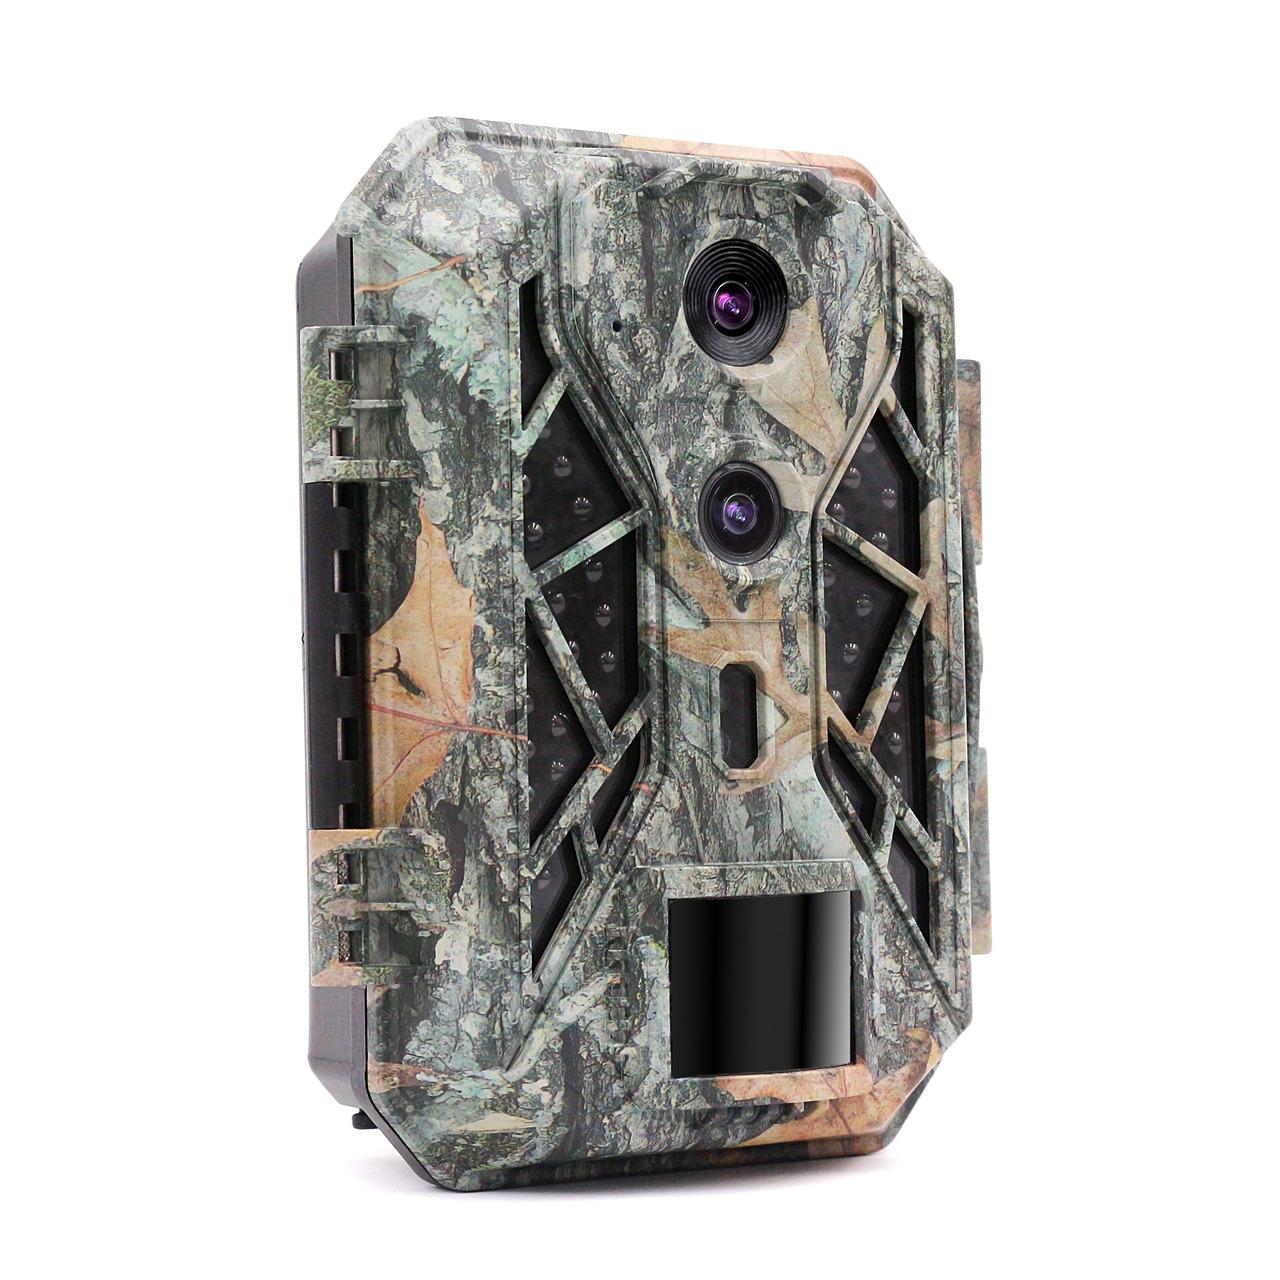 Braun Fotofalle - Wildkamera Scouting Cam BLACK820- mit Dual-CMOS-Sensor